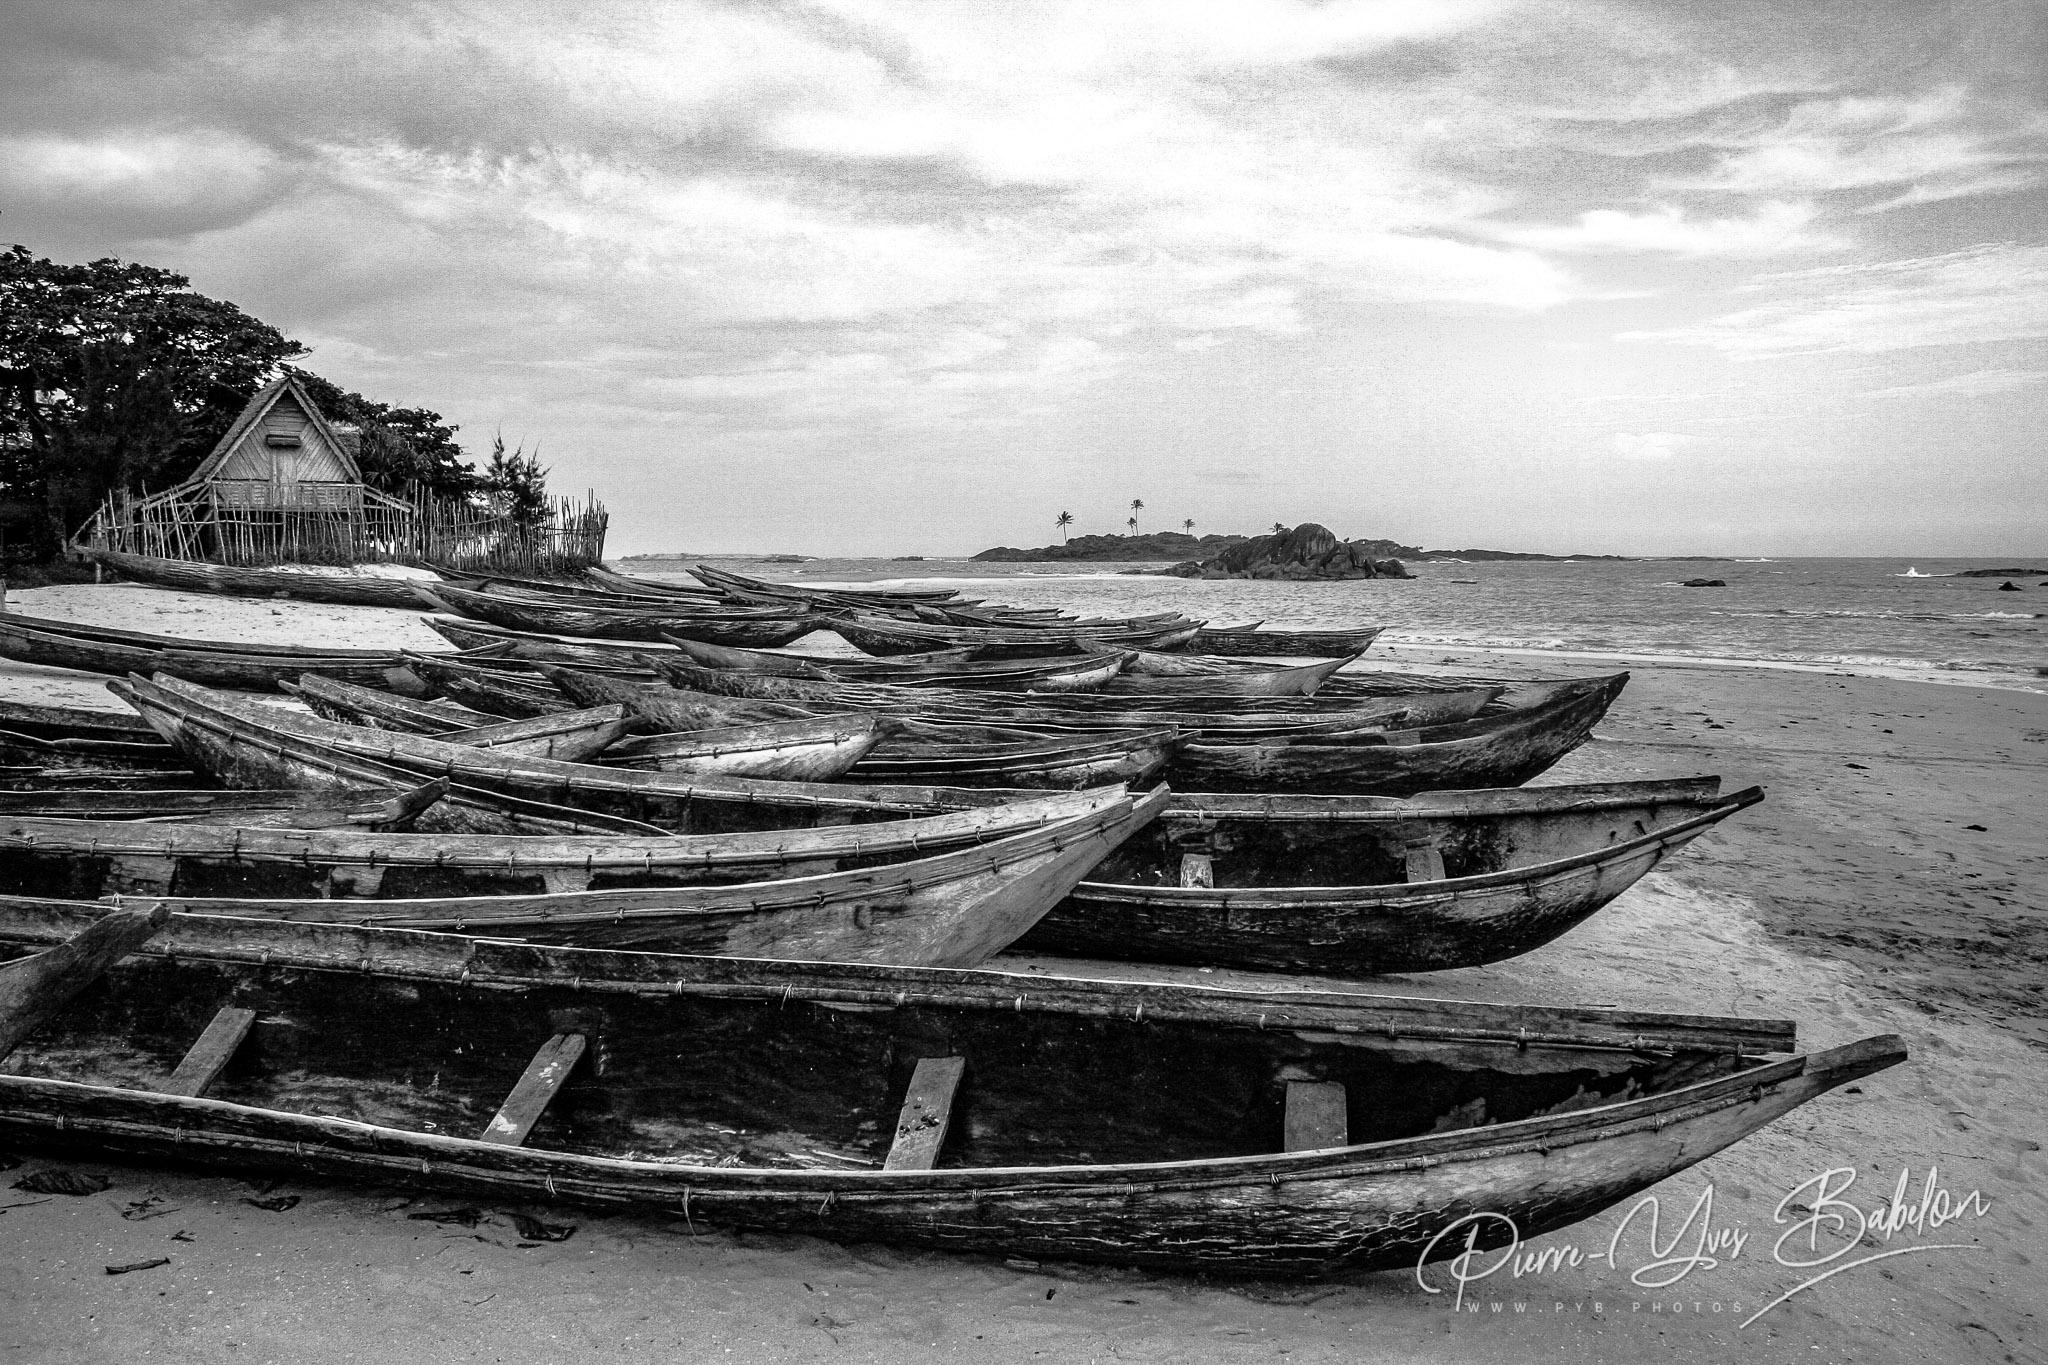 Pirogues sur la plage de Sainte-Luce, Madagascar